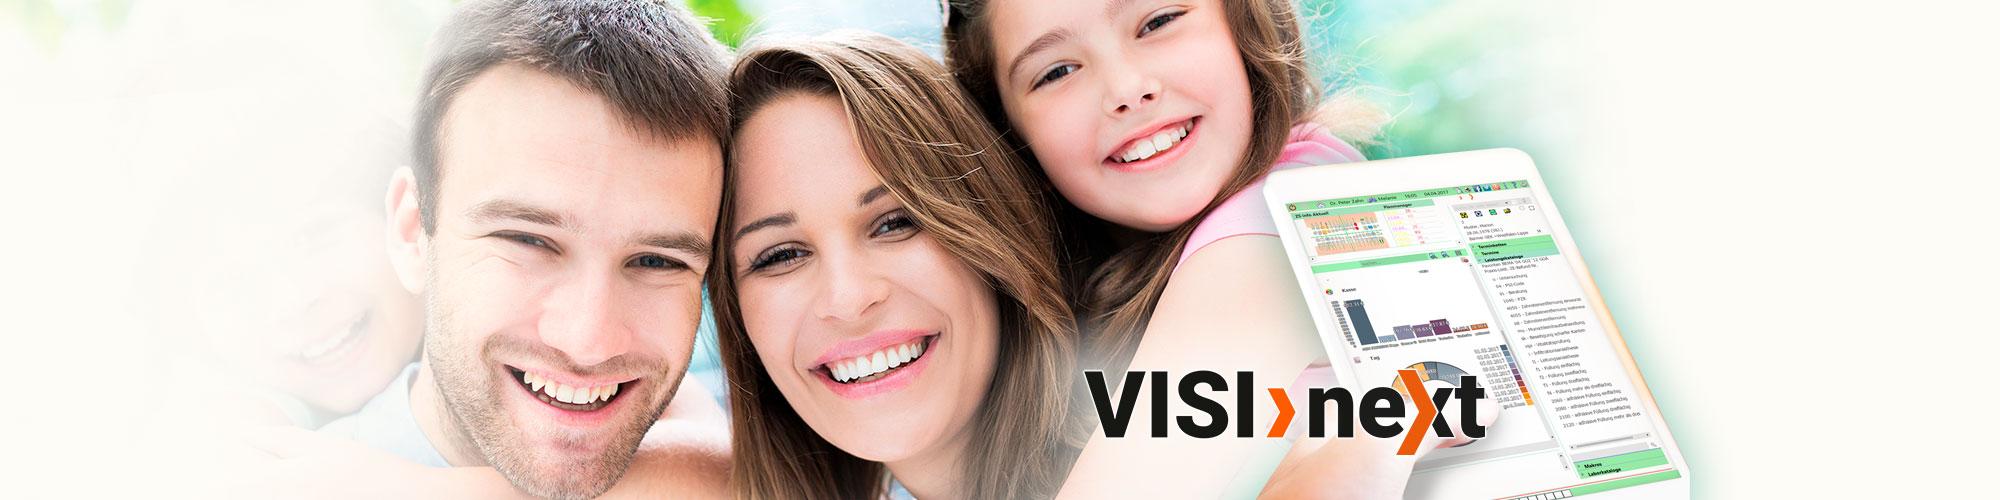 VISInext für Zahnärzte privat Controlling - BDV Branchen-Daten-Verarbeitung GmbH